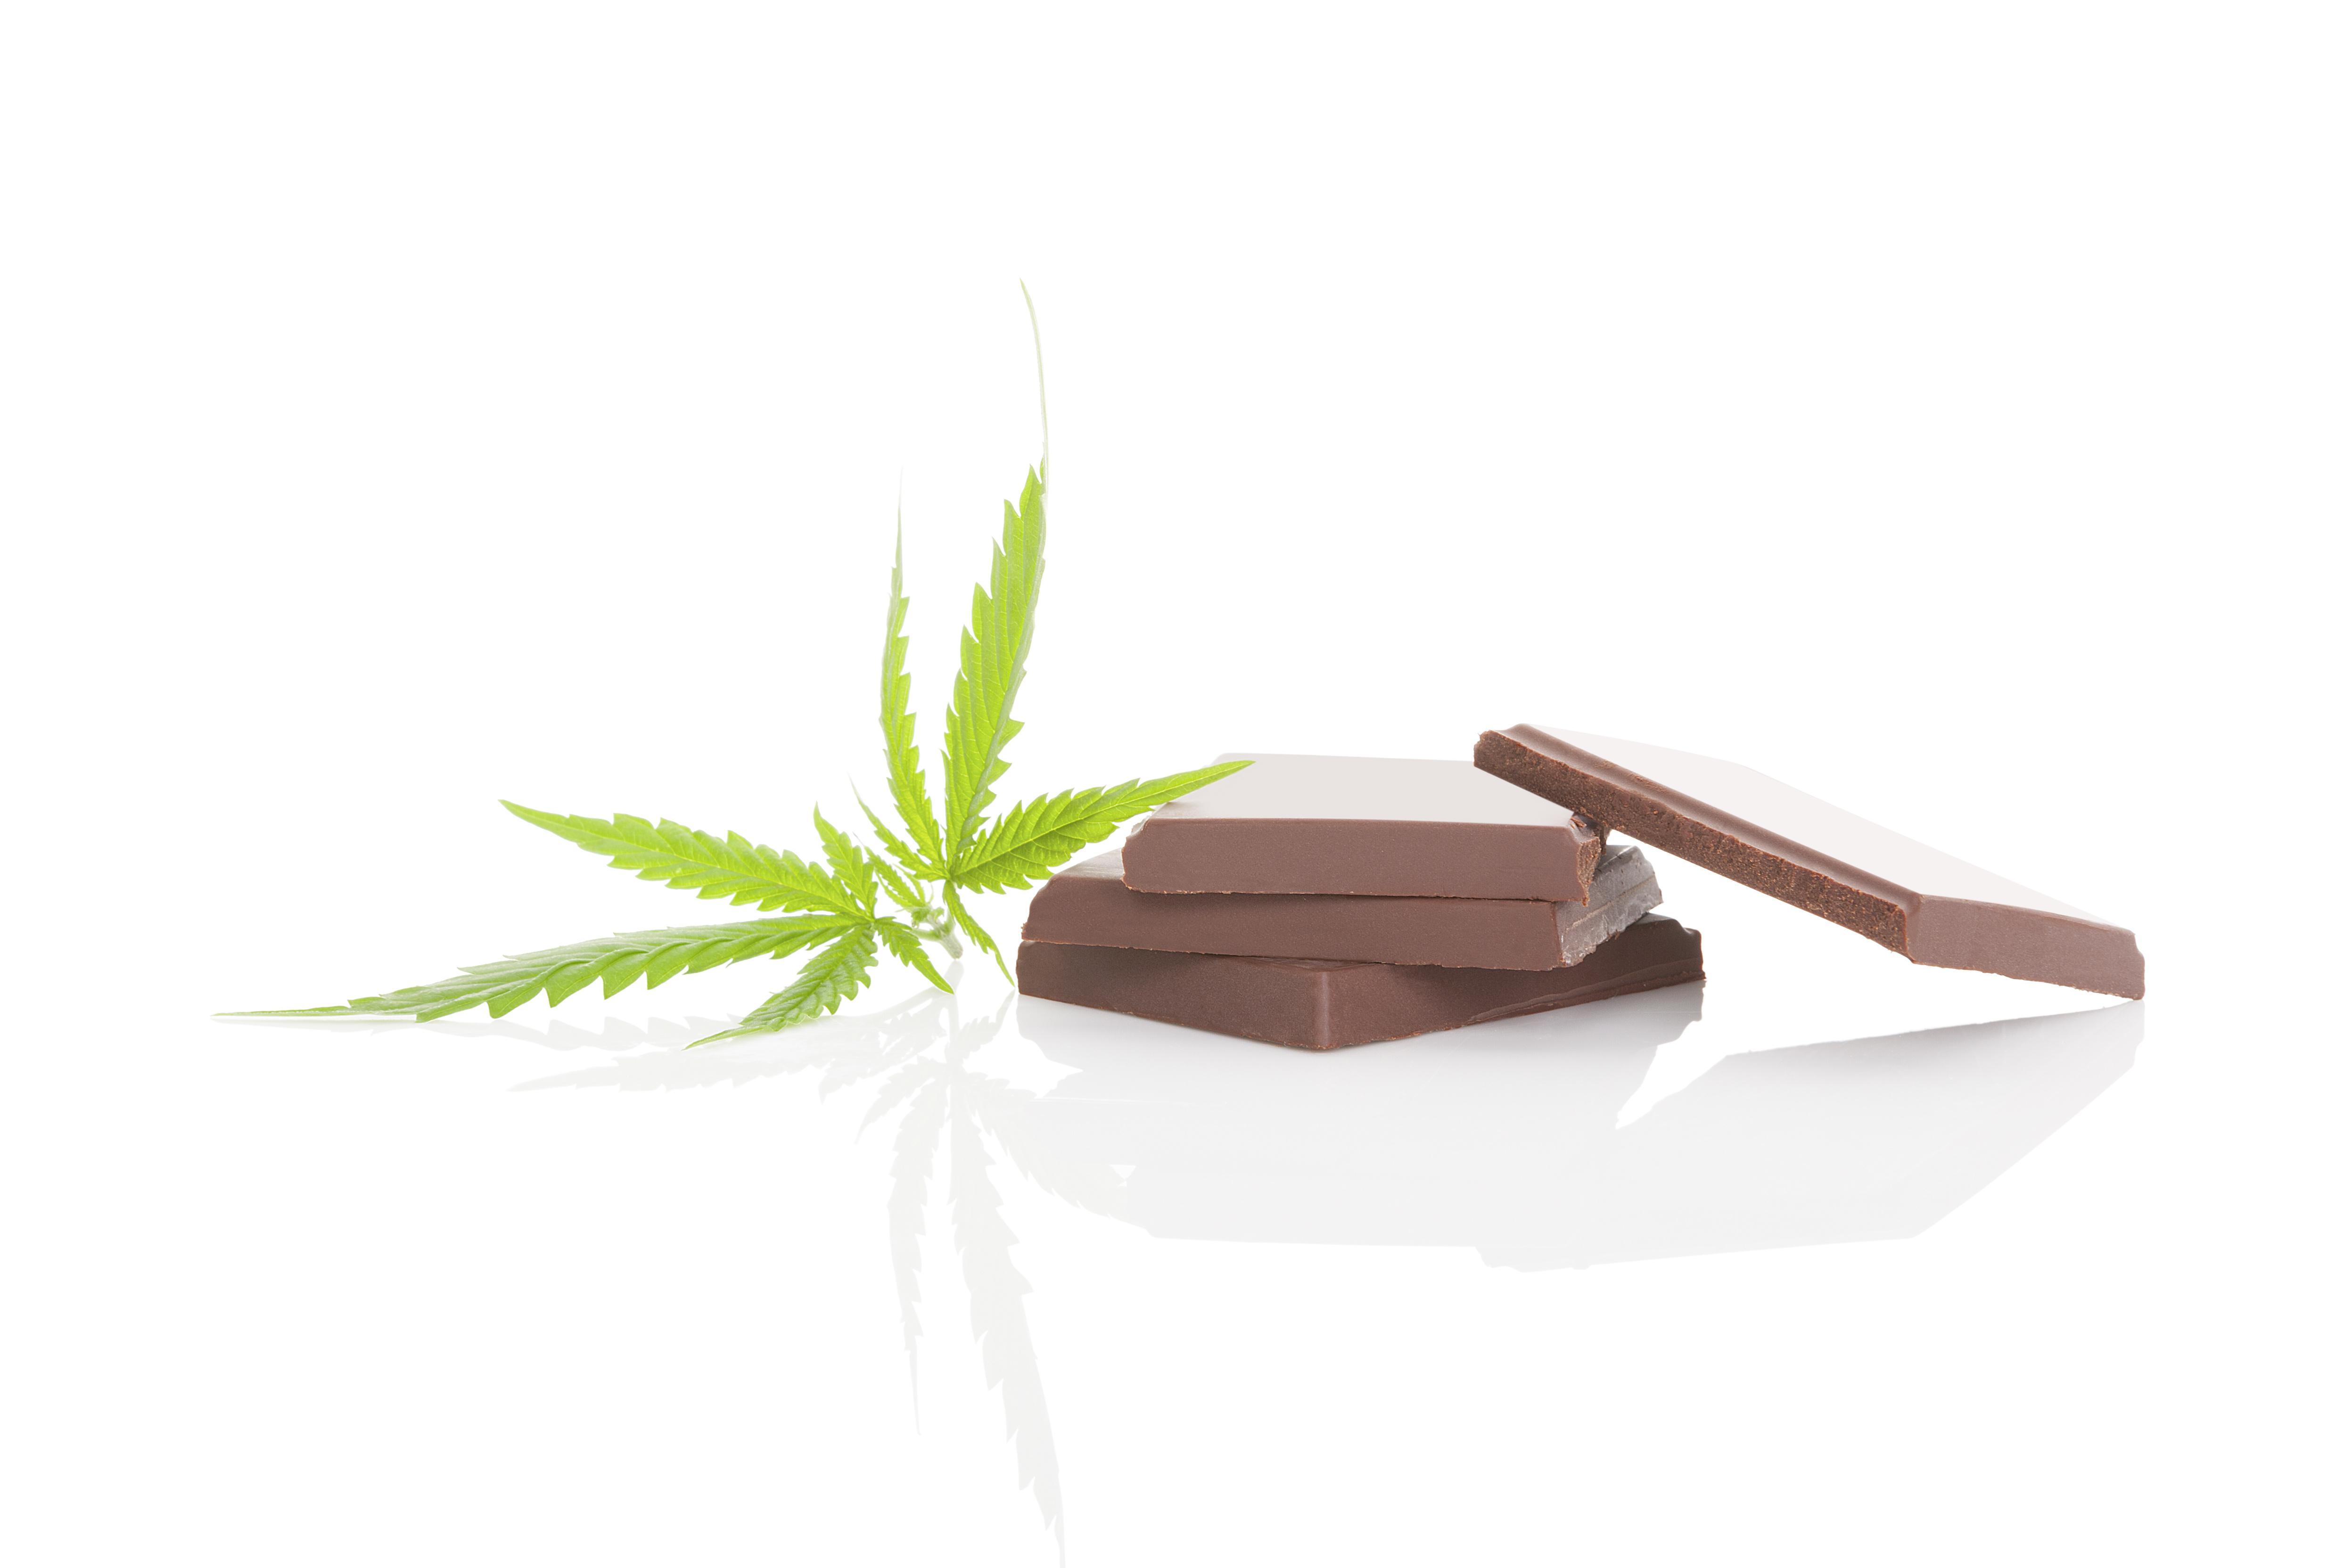 D'autres recherches devront précisément les effets cognitifs à long terme du « cannabis alimentaire ».